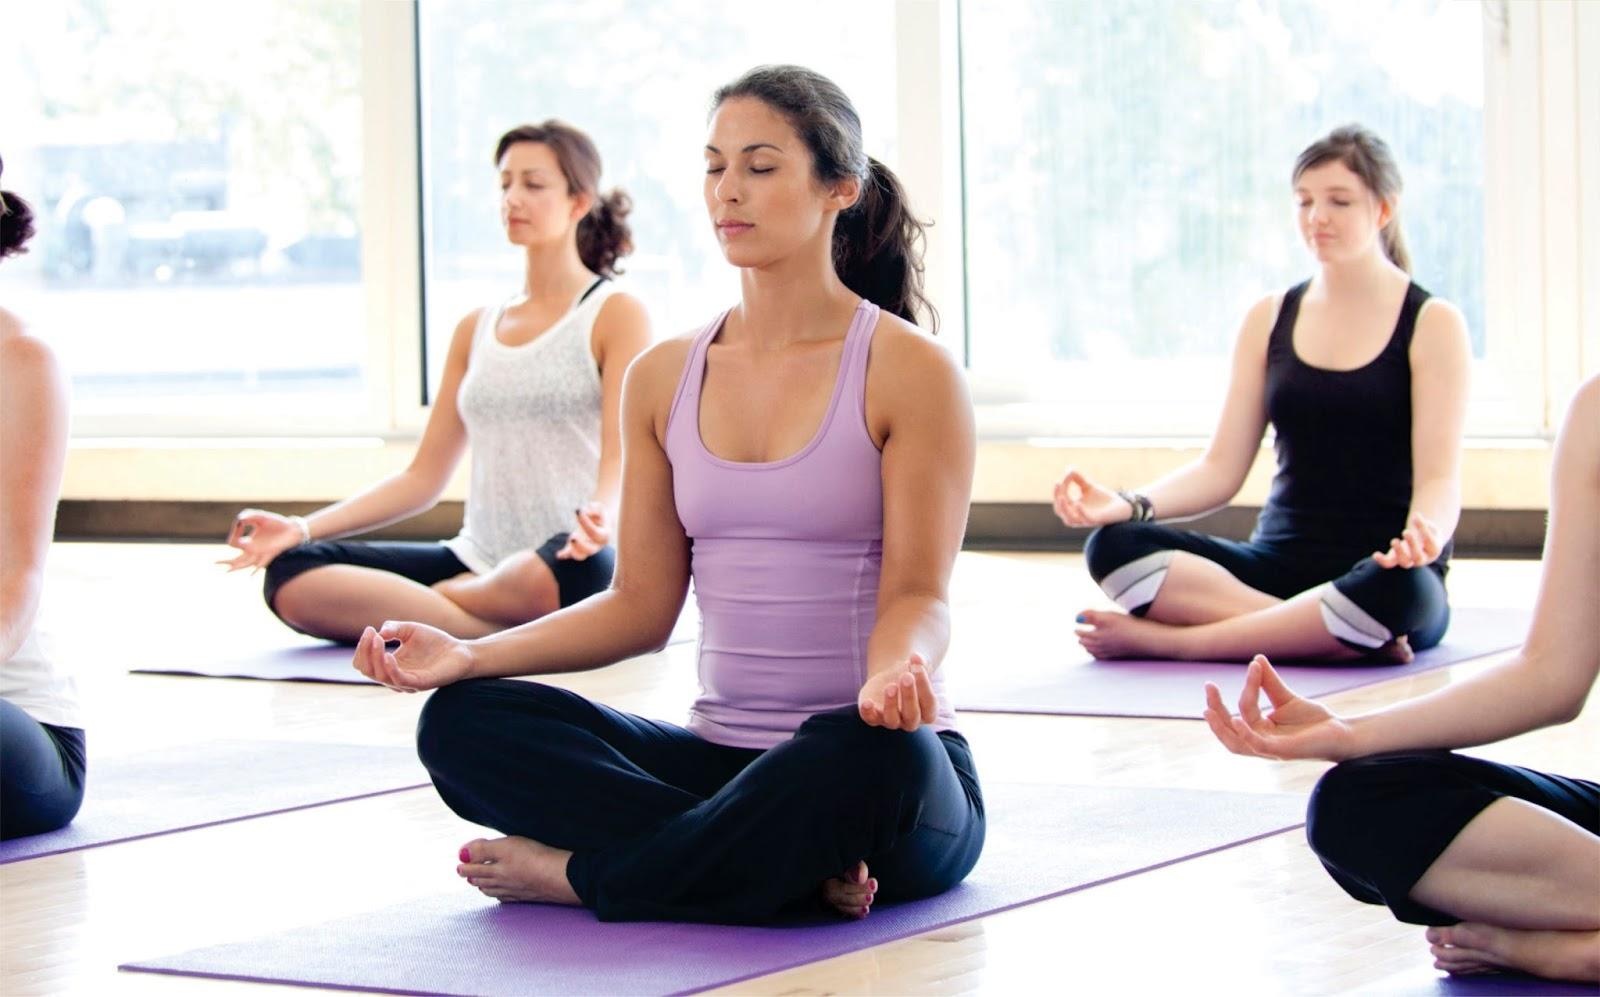 curso-de-formacao-instrutor-de-yoga-rj-curso_em_araruama_yoga-training-brasil_capa_